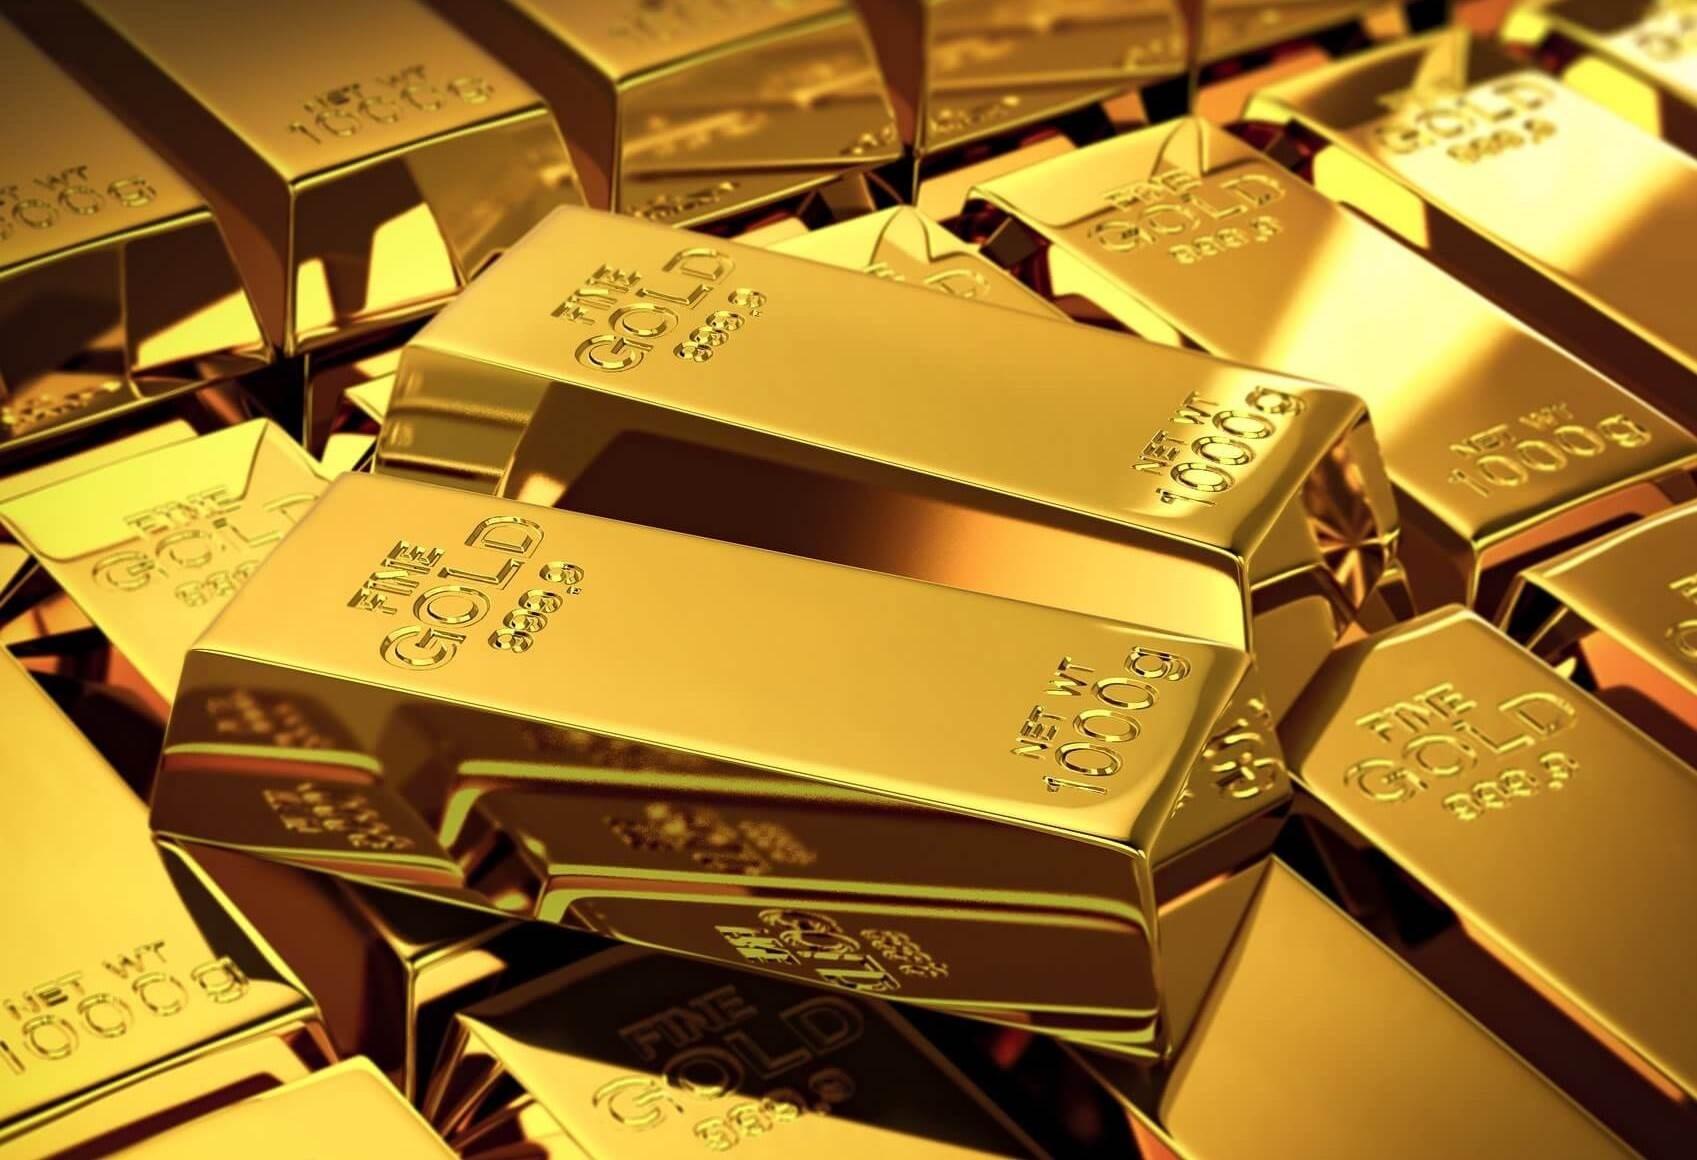 أسعار الذهب تصعد مع تعزز الطلب على المعدن كملاذ آمن خوفاً من تداعيات فيروس كورونا